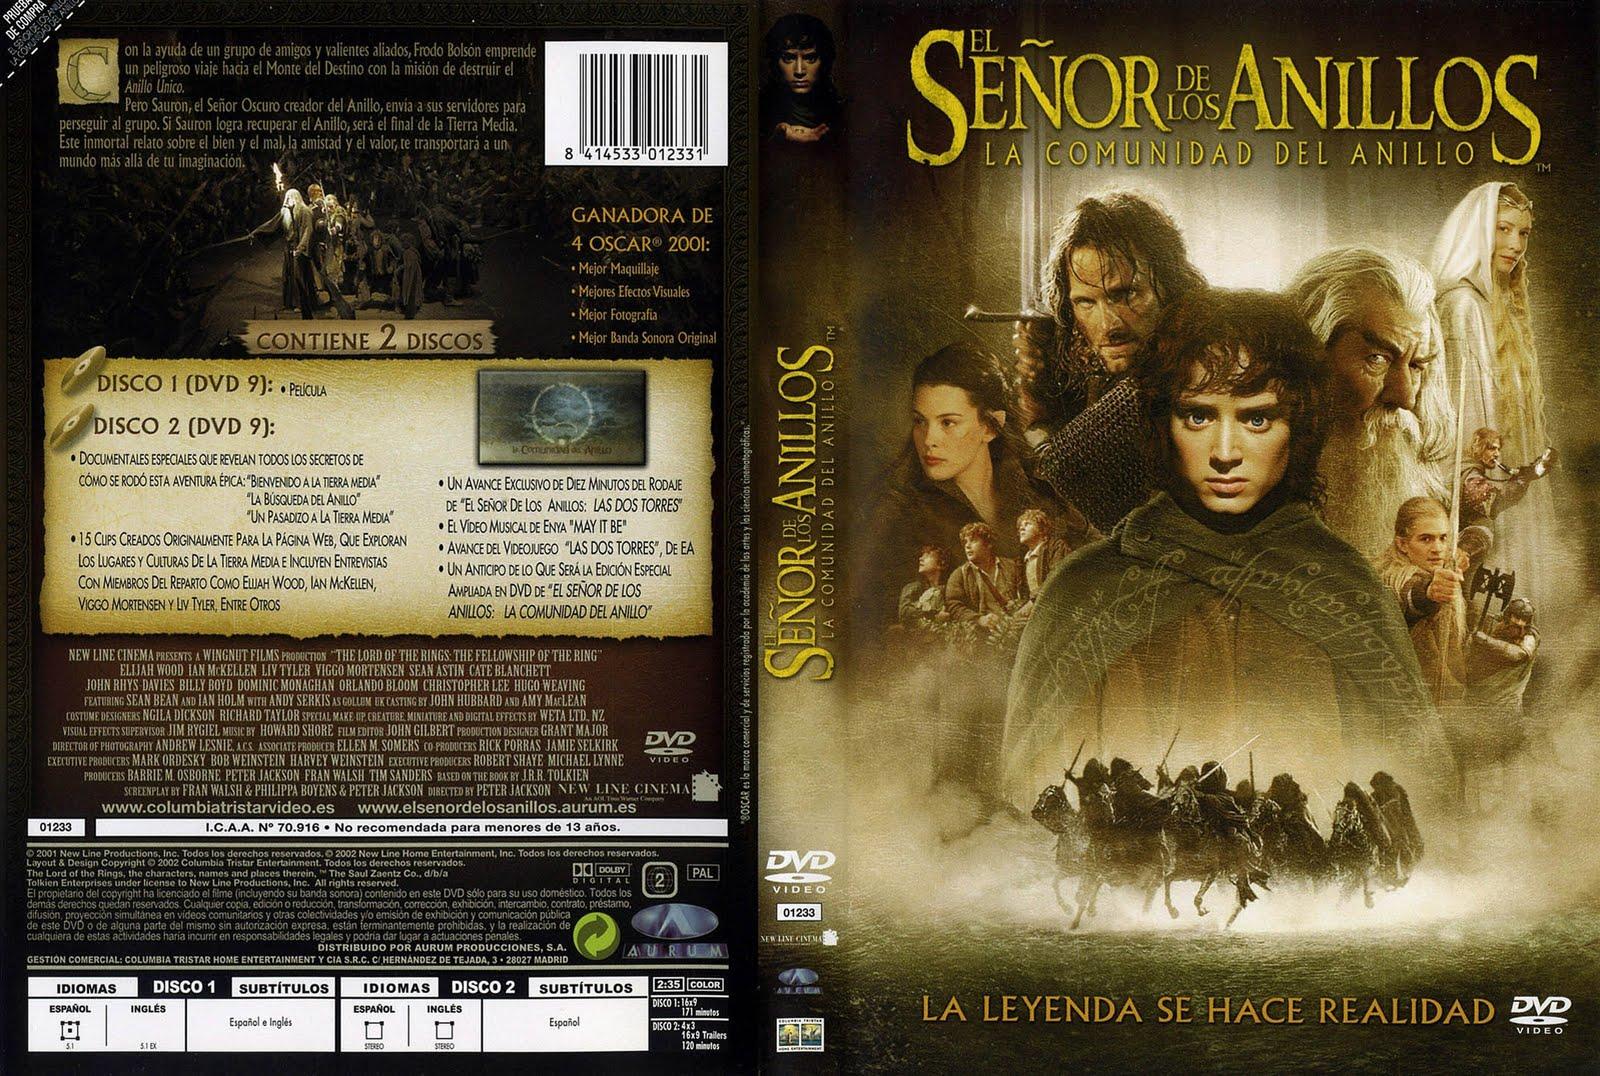 http://4.bp.blogspot.com/-L53iD3t8hrI/TbFImc2iWMI/AAAAAAAADPU/lin53OUn924/s1600/El_Senor_De_Los_Anillos_La_Comunidad_Del_Anillo-Caratula.jpg?v=53d0a6a36c